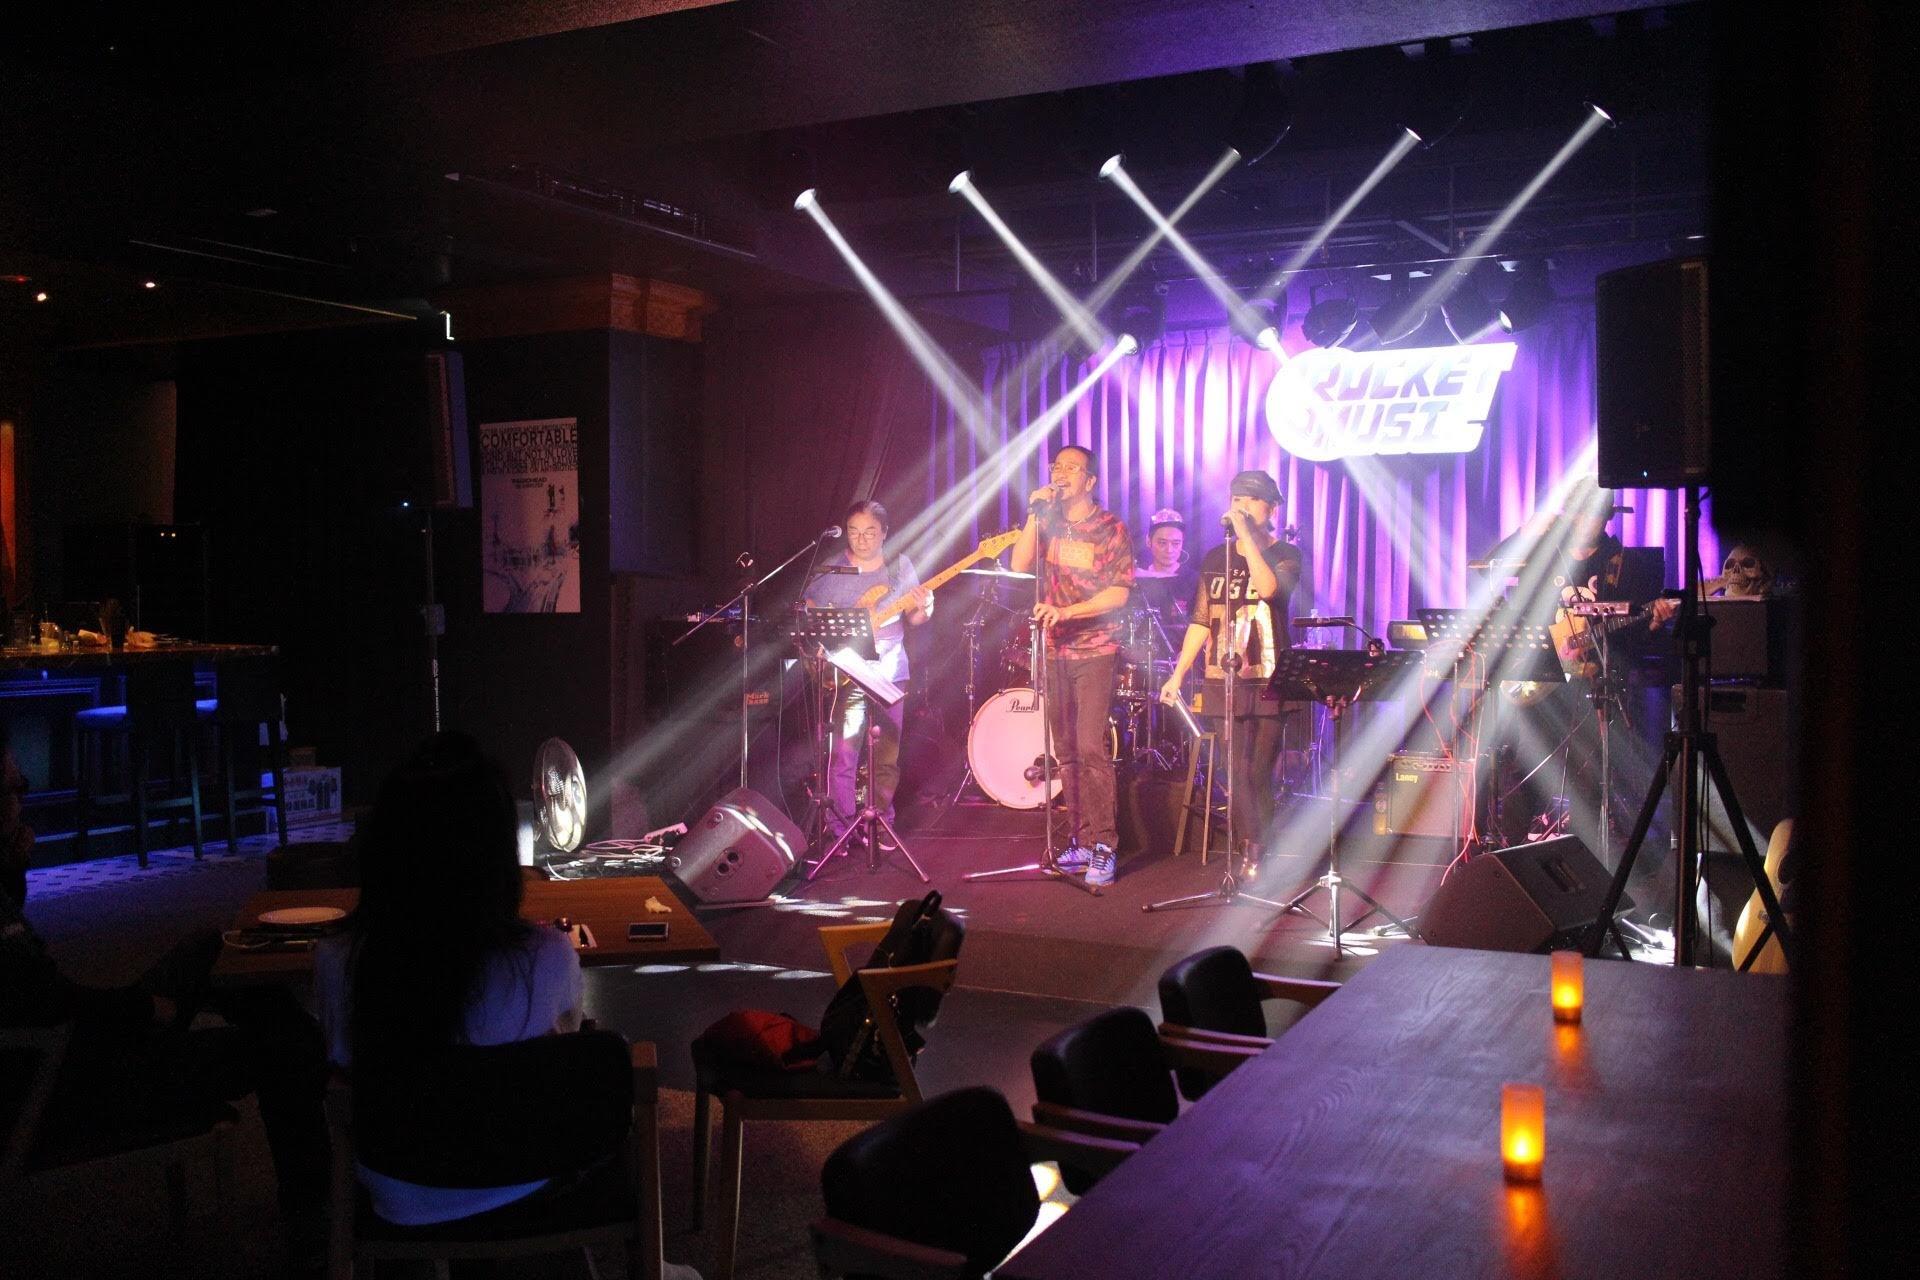 【音樂火箭餐廳】台北中山區餐酒館,聚餐好地方!讓駐唱歌手點燃心中的音樂魂 @秤瓶樂遊遊